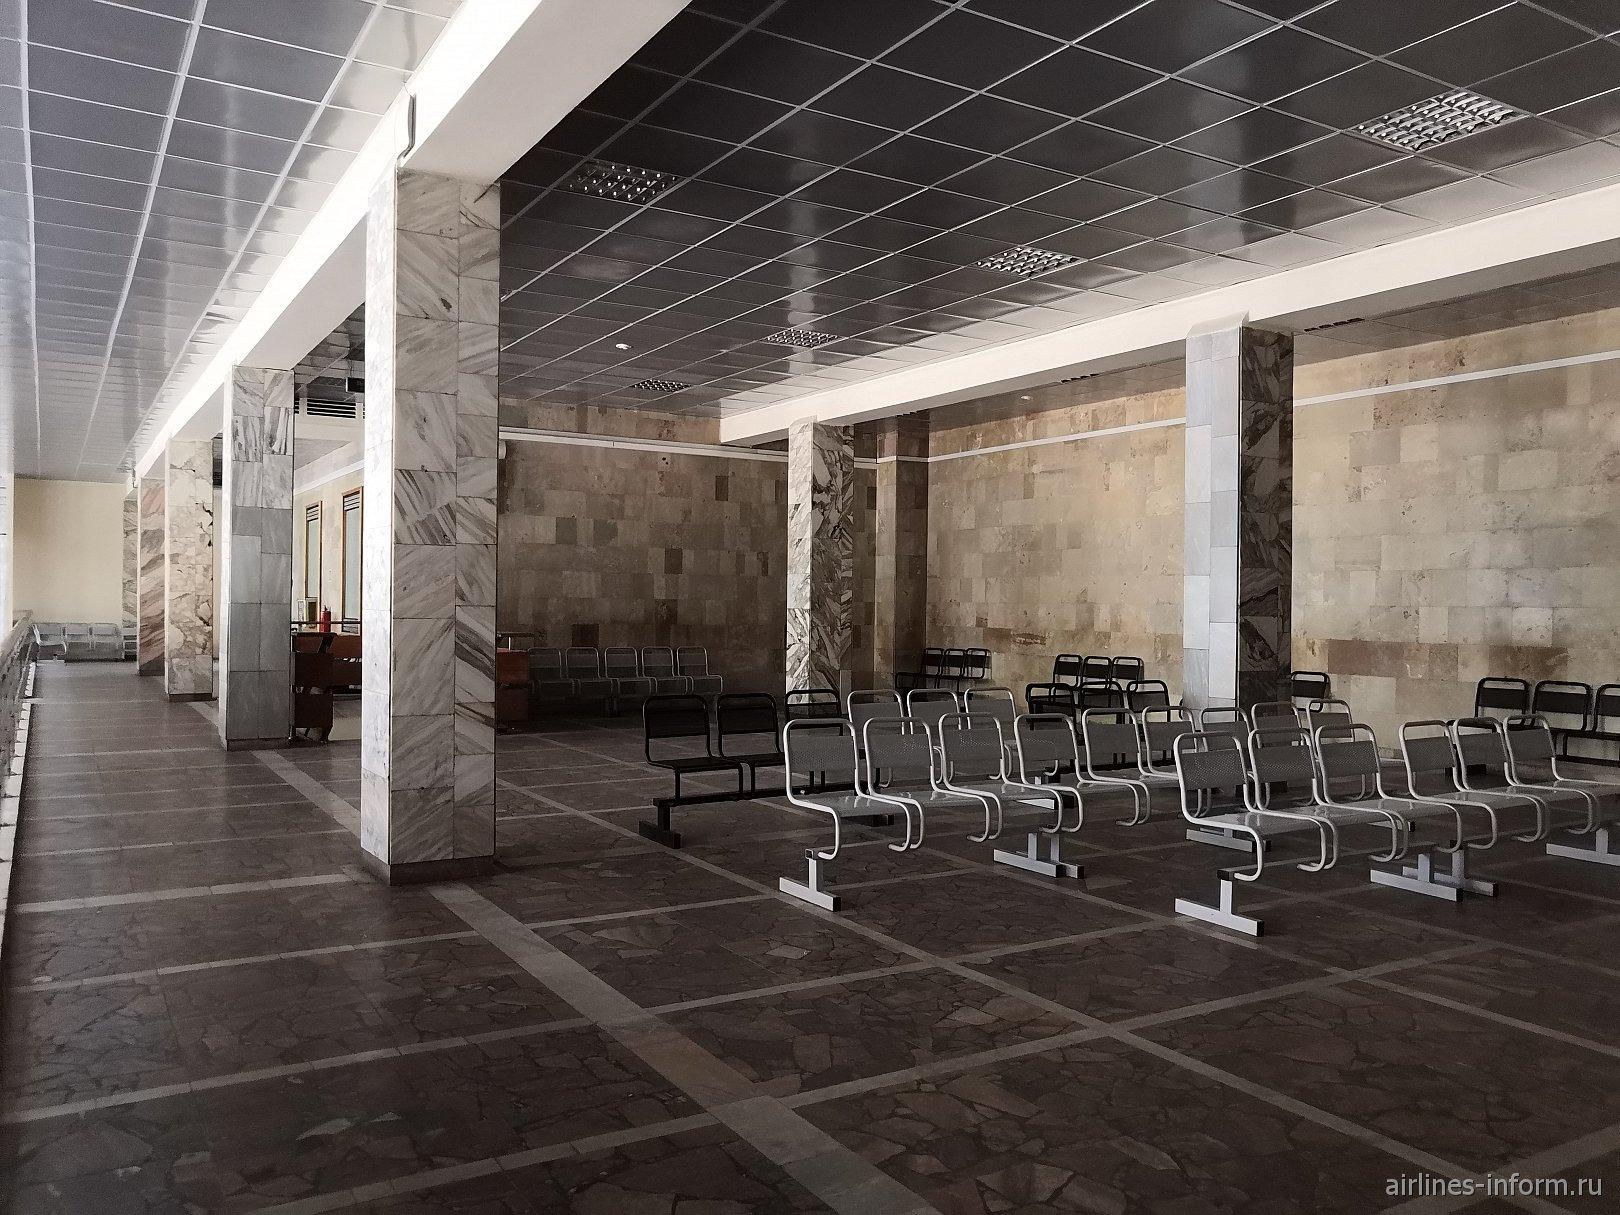 Зал ожидания в аэропорту Саратов Центральный